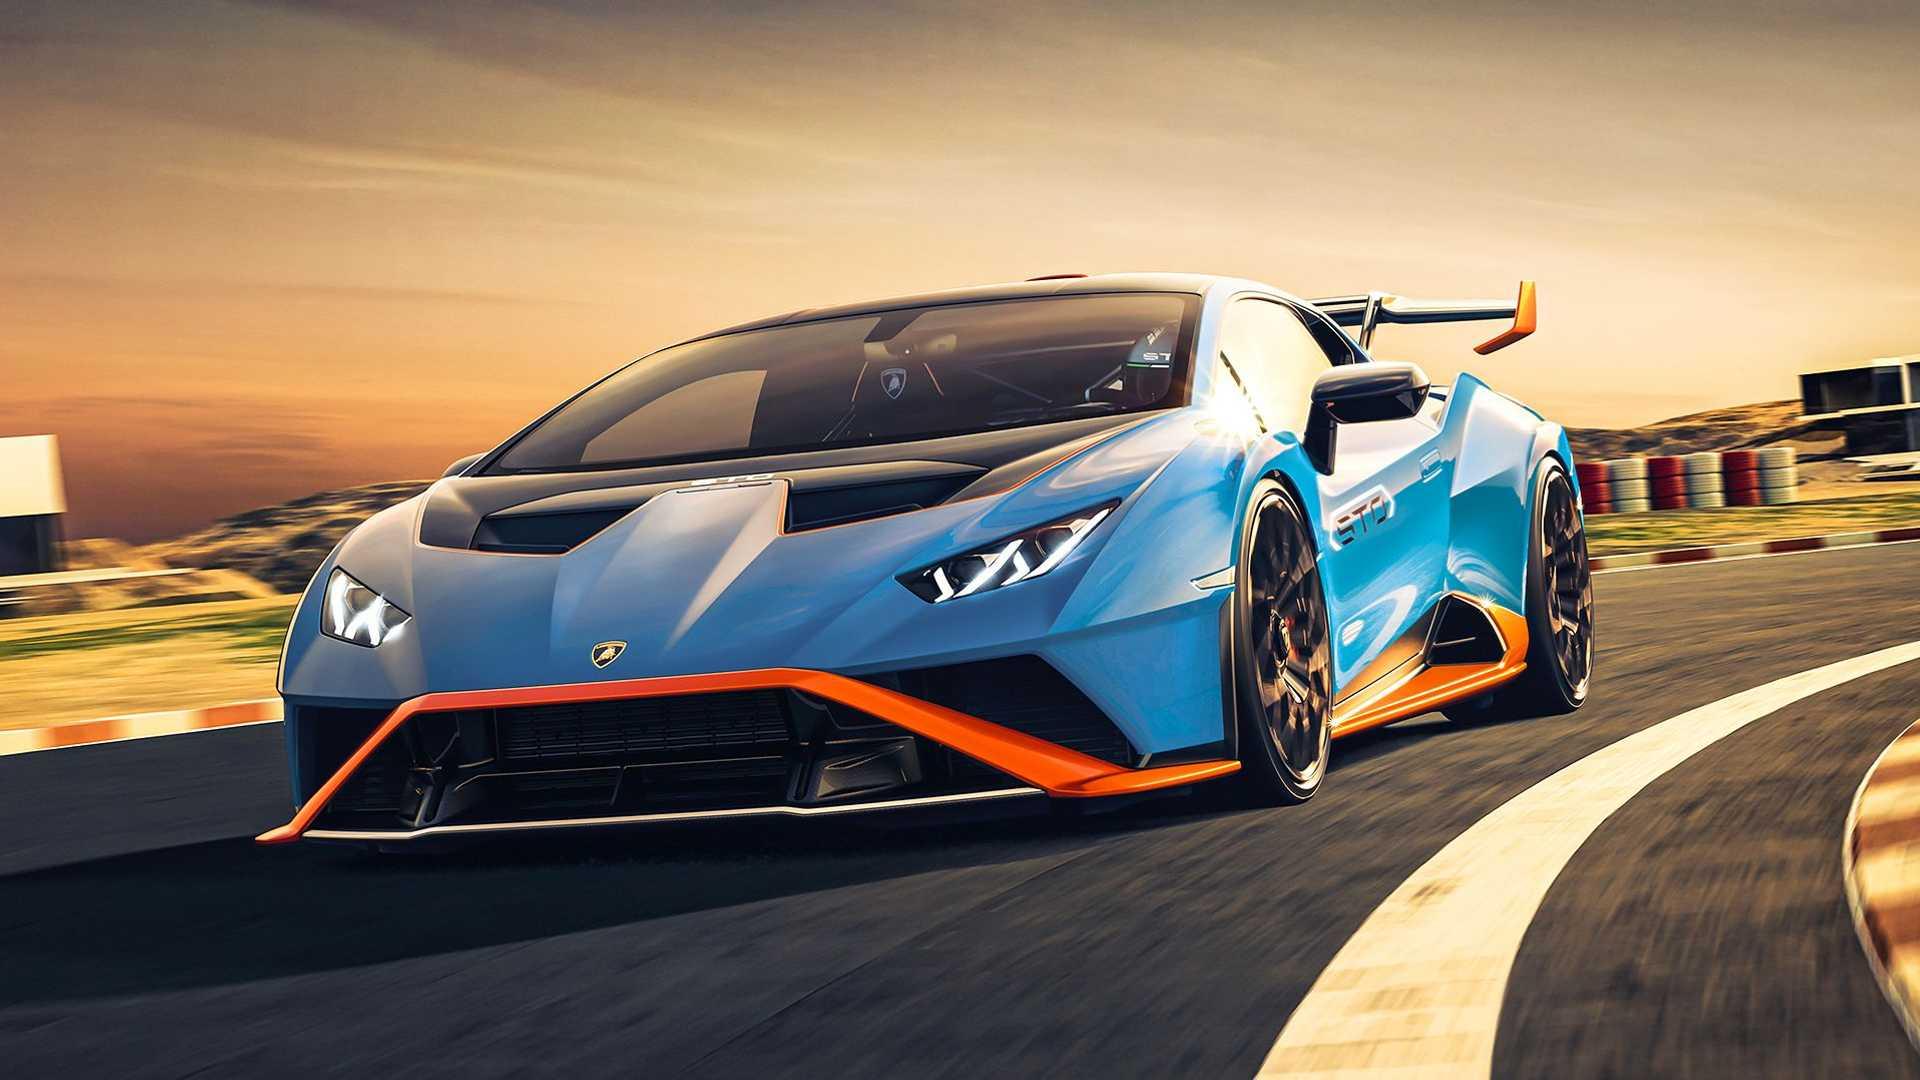 Επίσημο: Lamborghini Huracan STO – Autoblog.gr